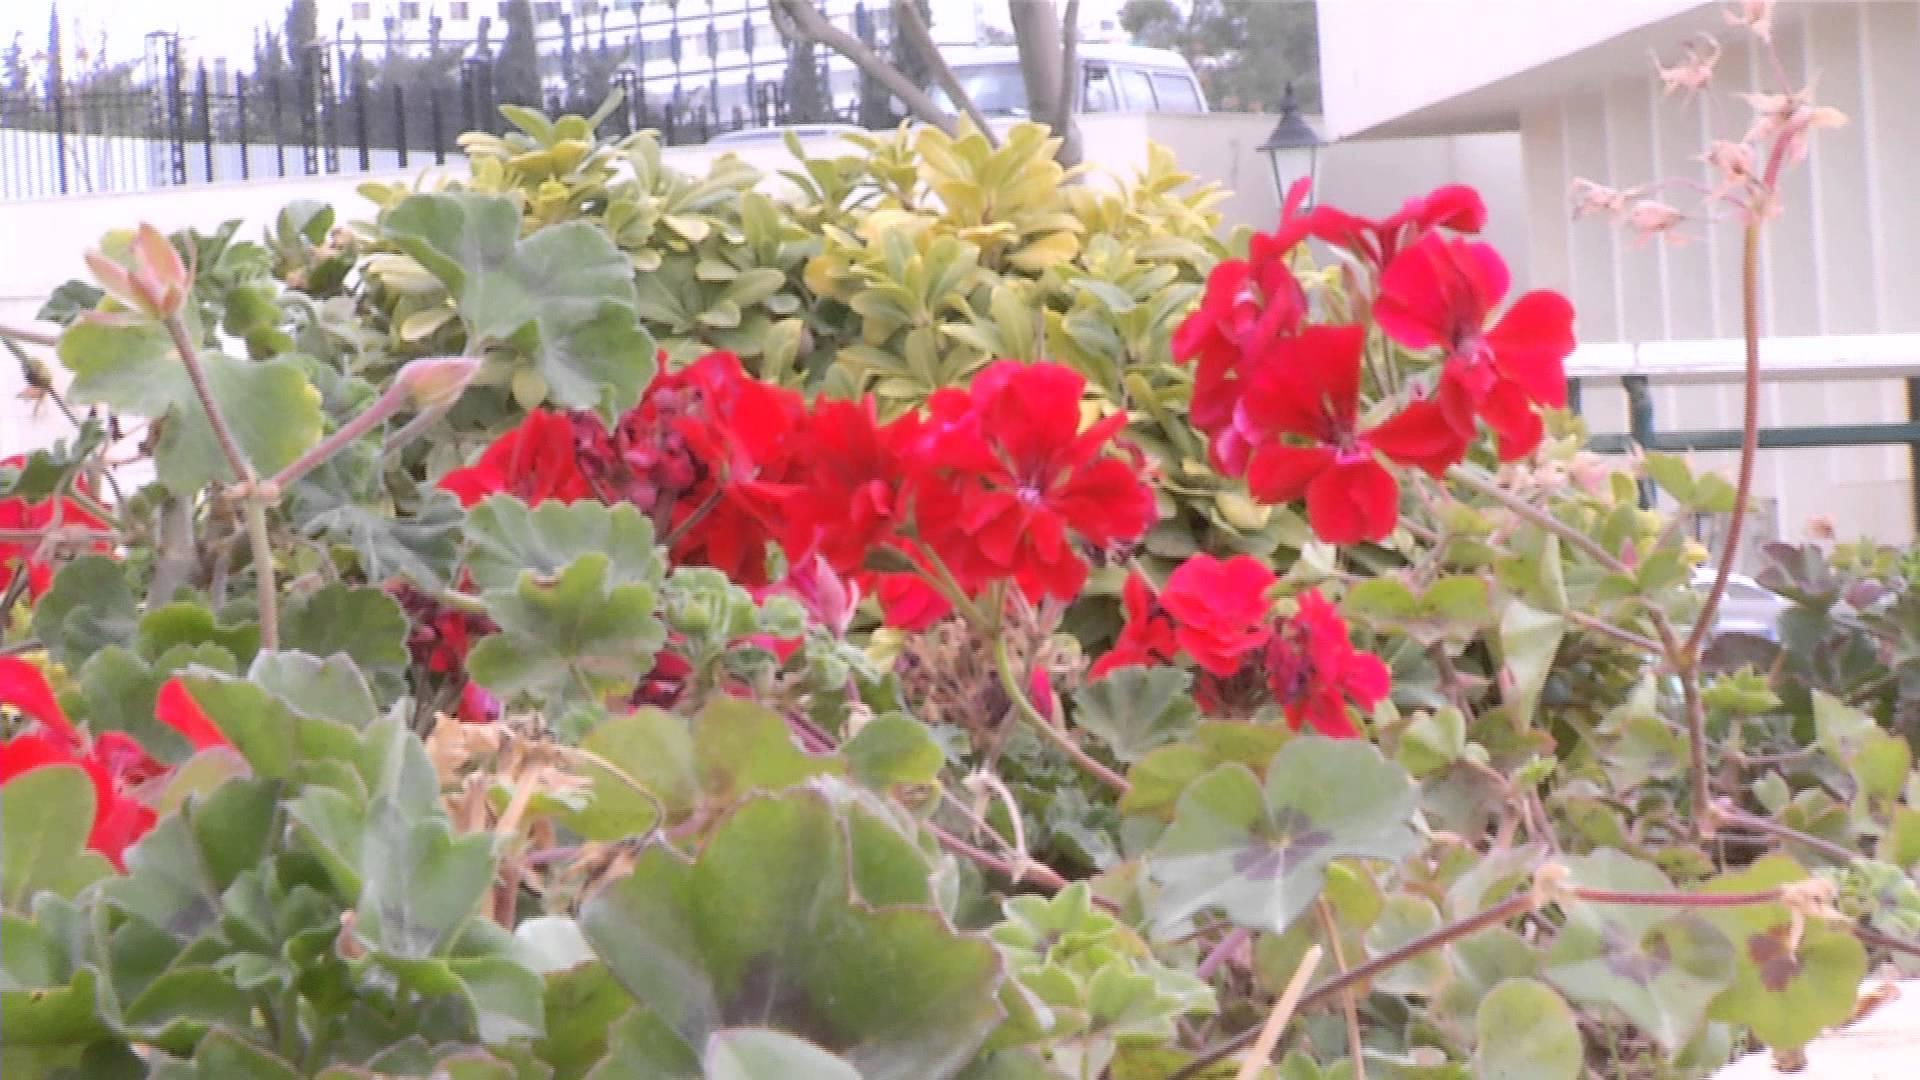 بالصور اجمل وردة في العالم , الورد وما اجمل الورود 3587 1